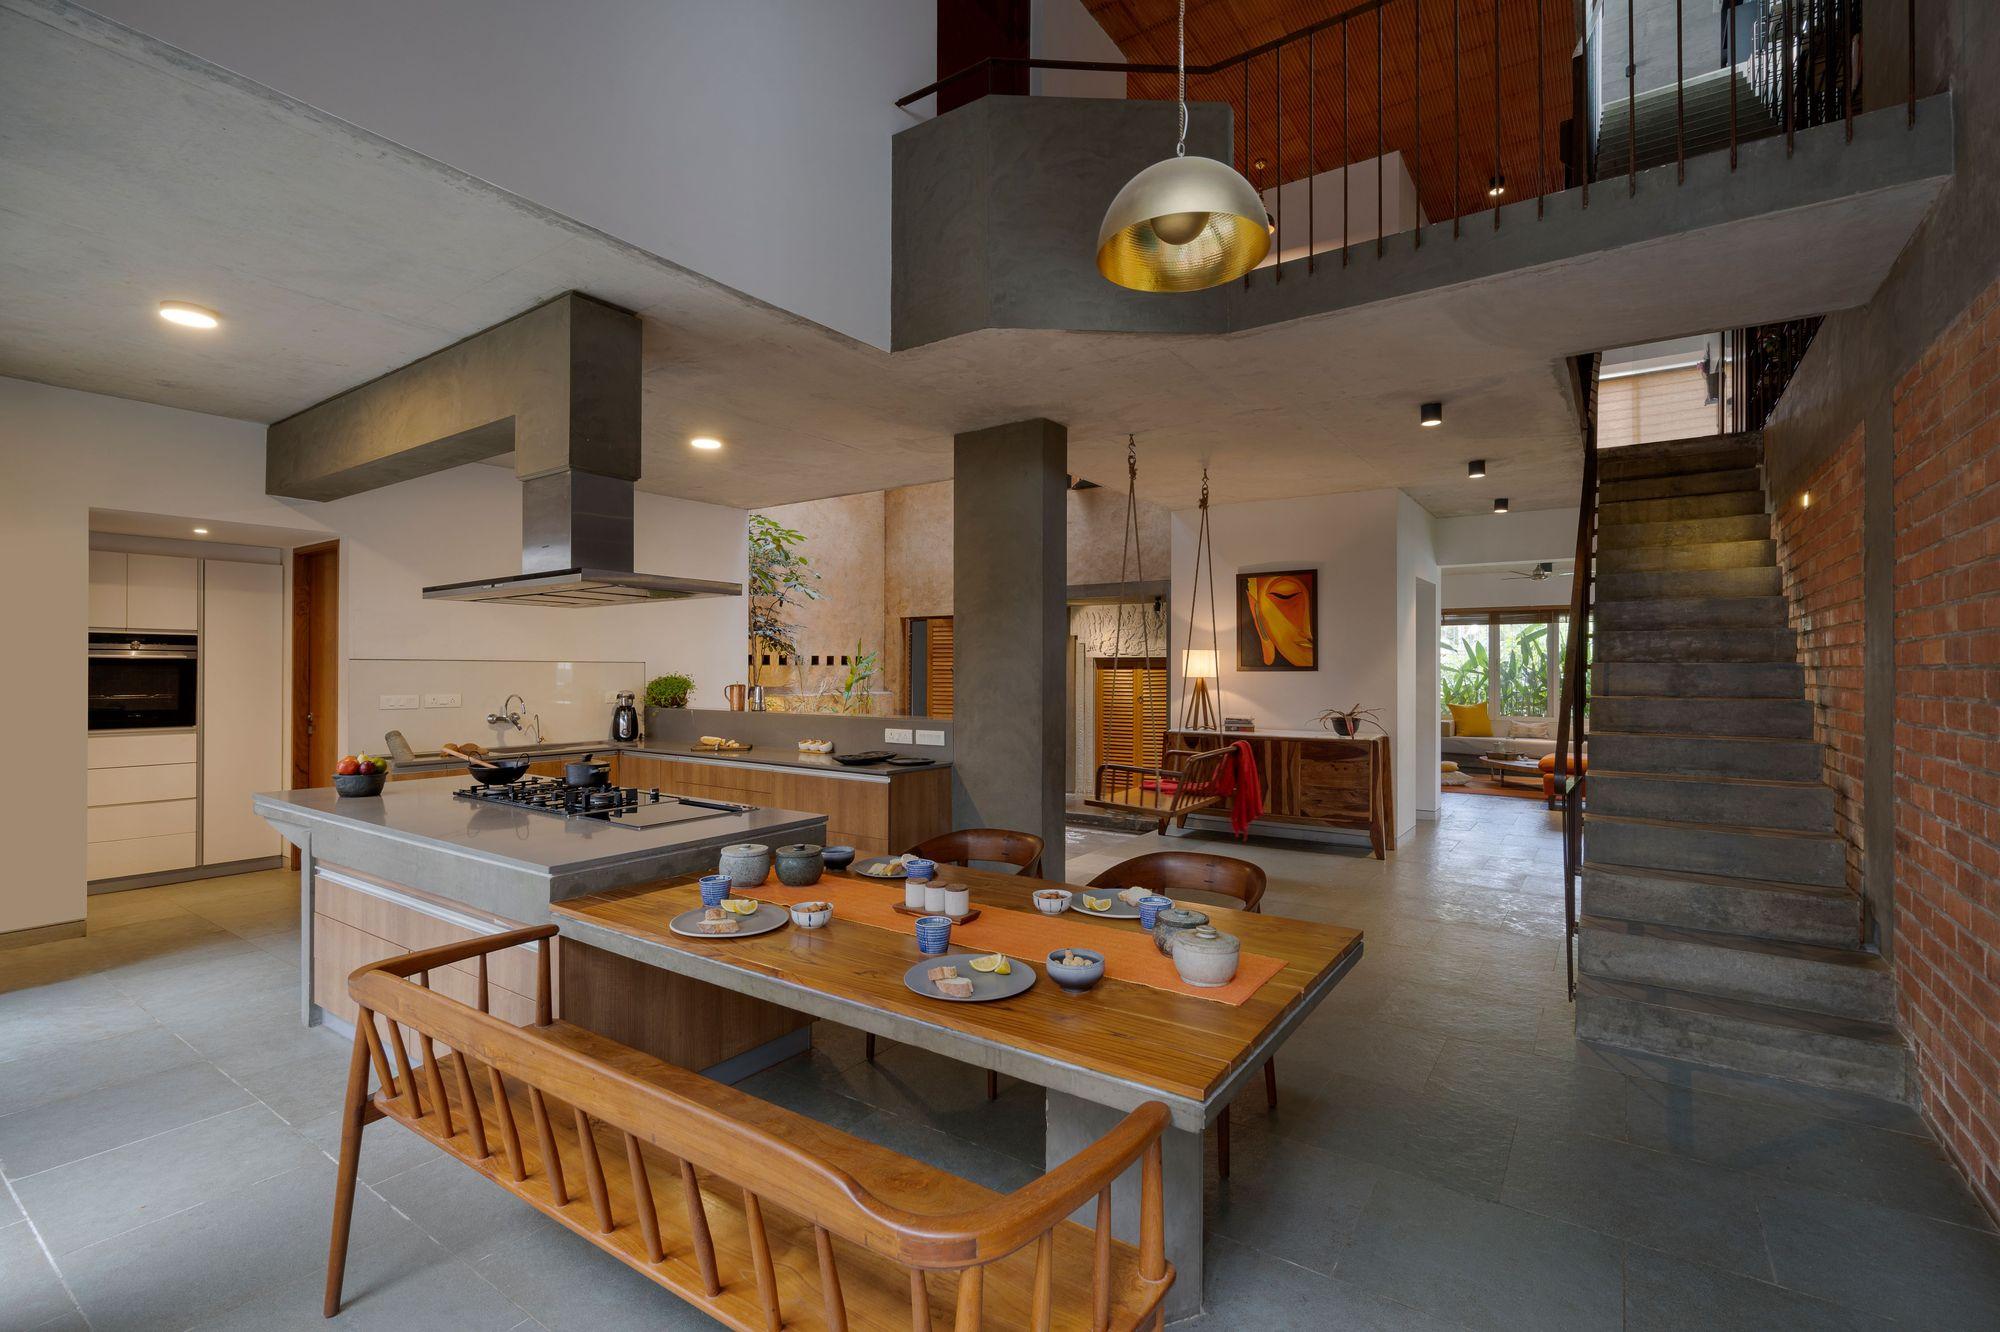 Galeria De Residencia Arranjo De Tijolos Greyscale Design Studio 3